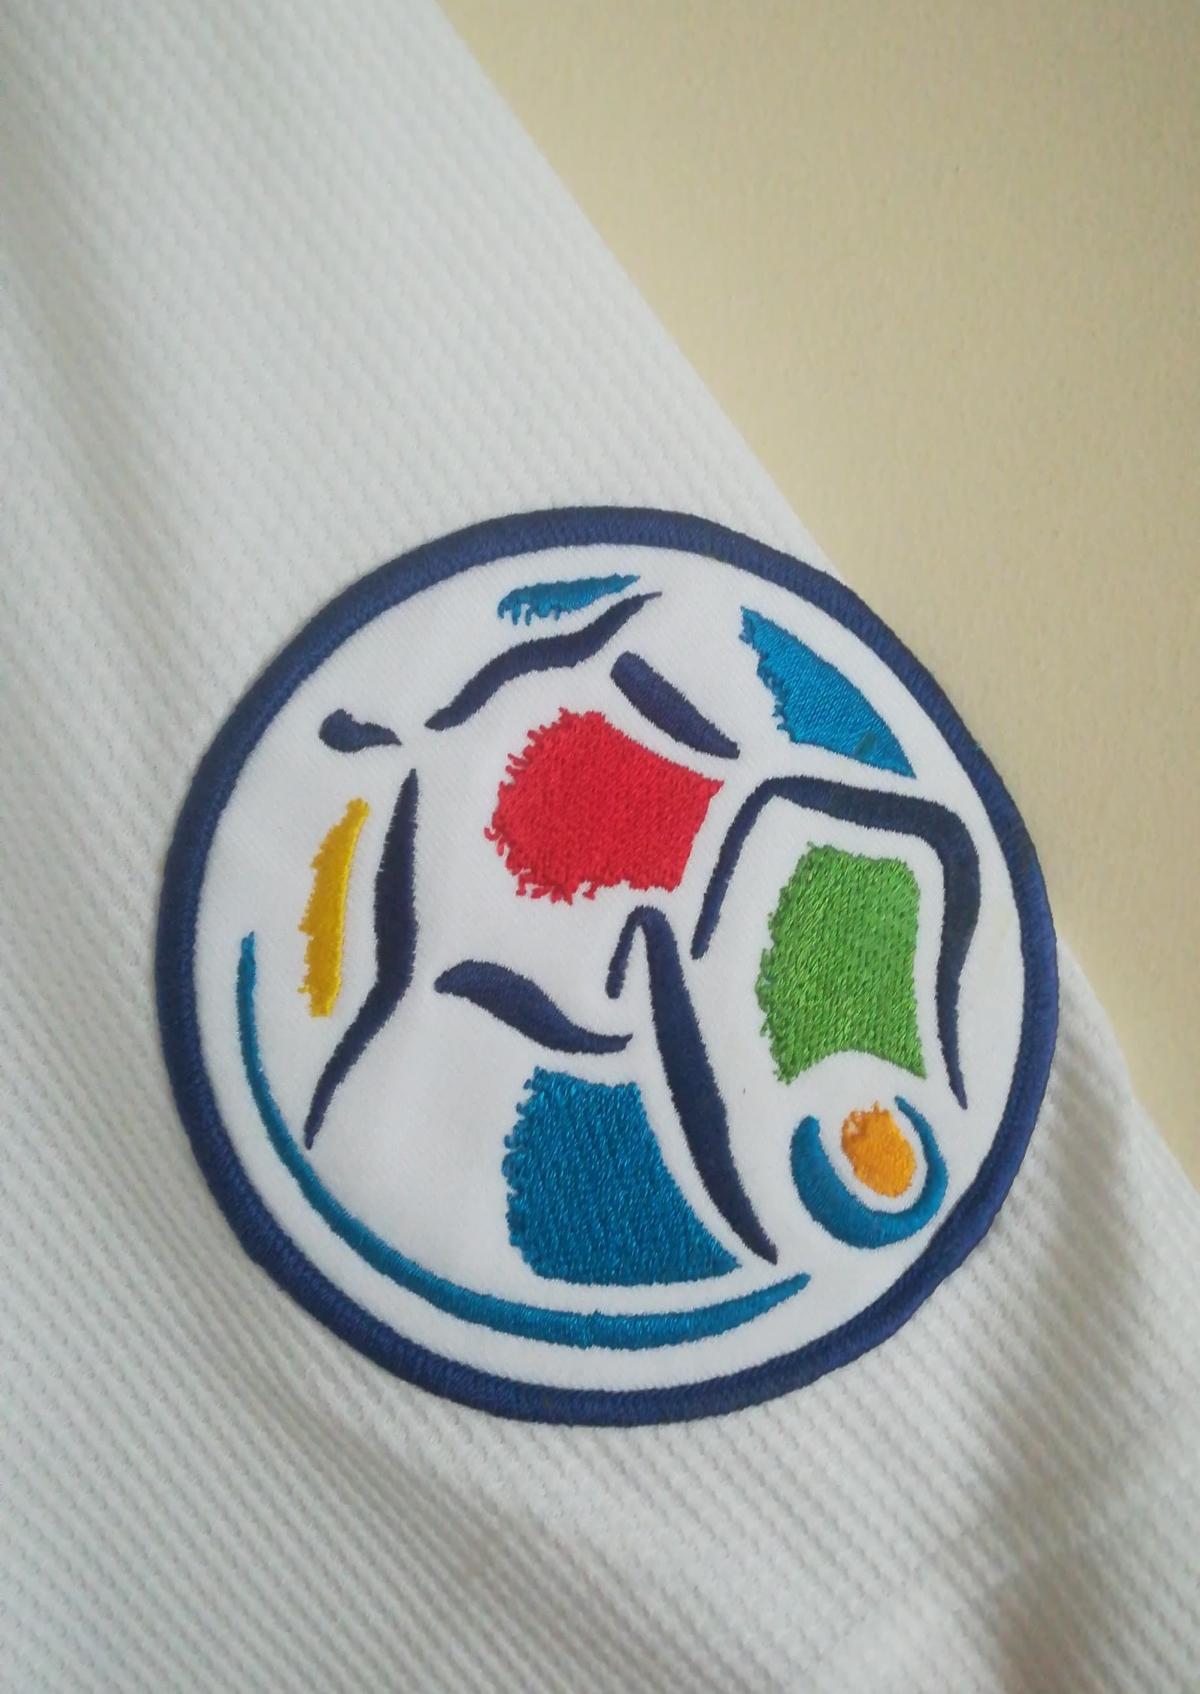 Gary Neville - England v Scotland Euro 96 - Ball